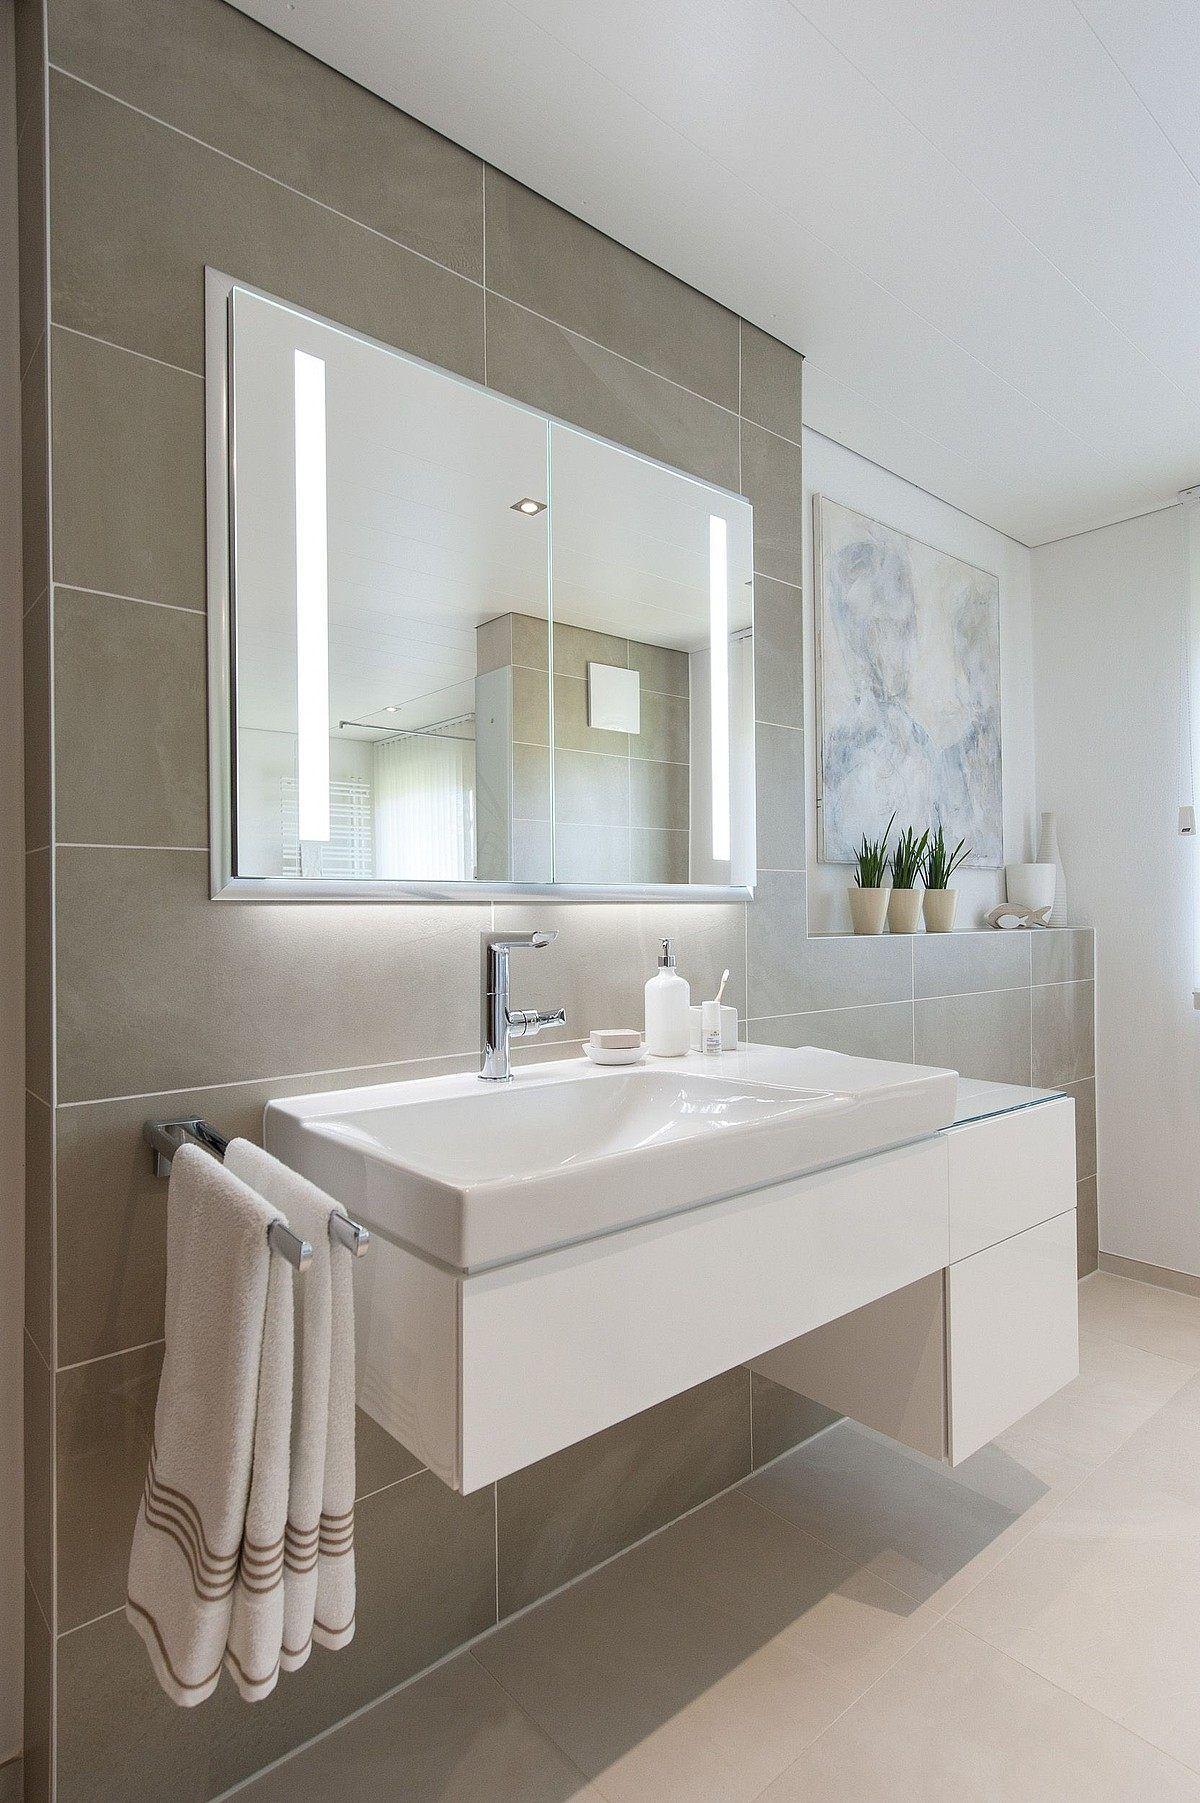 6 Badezimmer Vergrossern Kosten Archives Badezimmer Ideen Eintagamsee Badezimmer Badezimmer Vergrossern